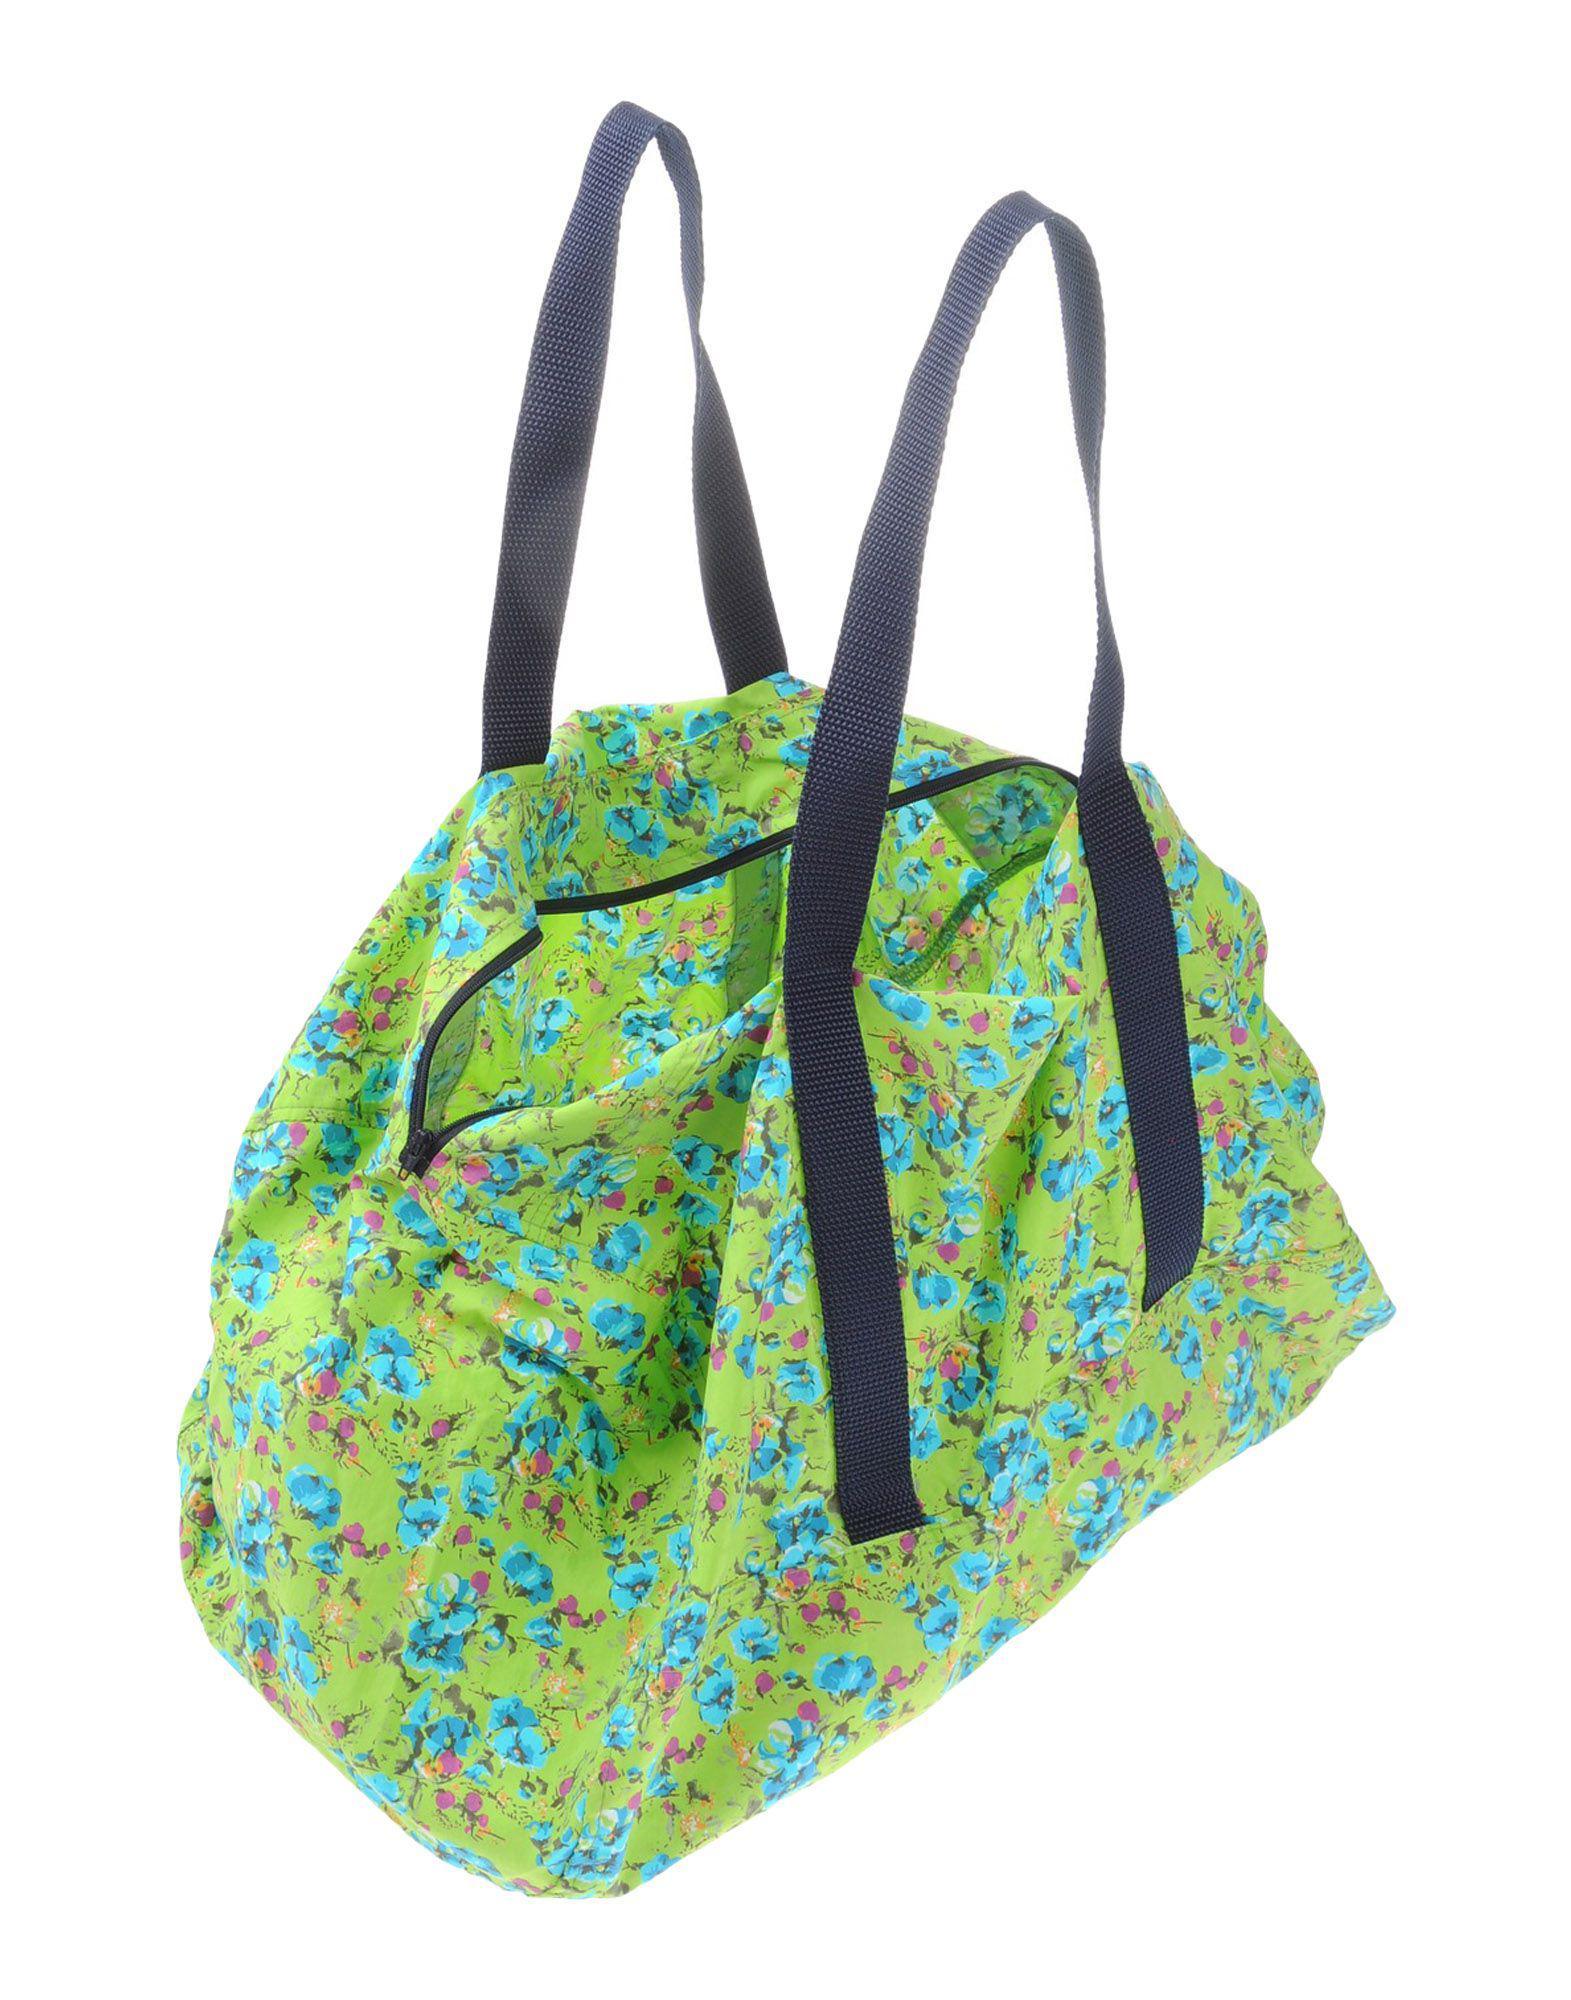 BAGS - Handbags Jeckerson el50cK9